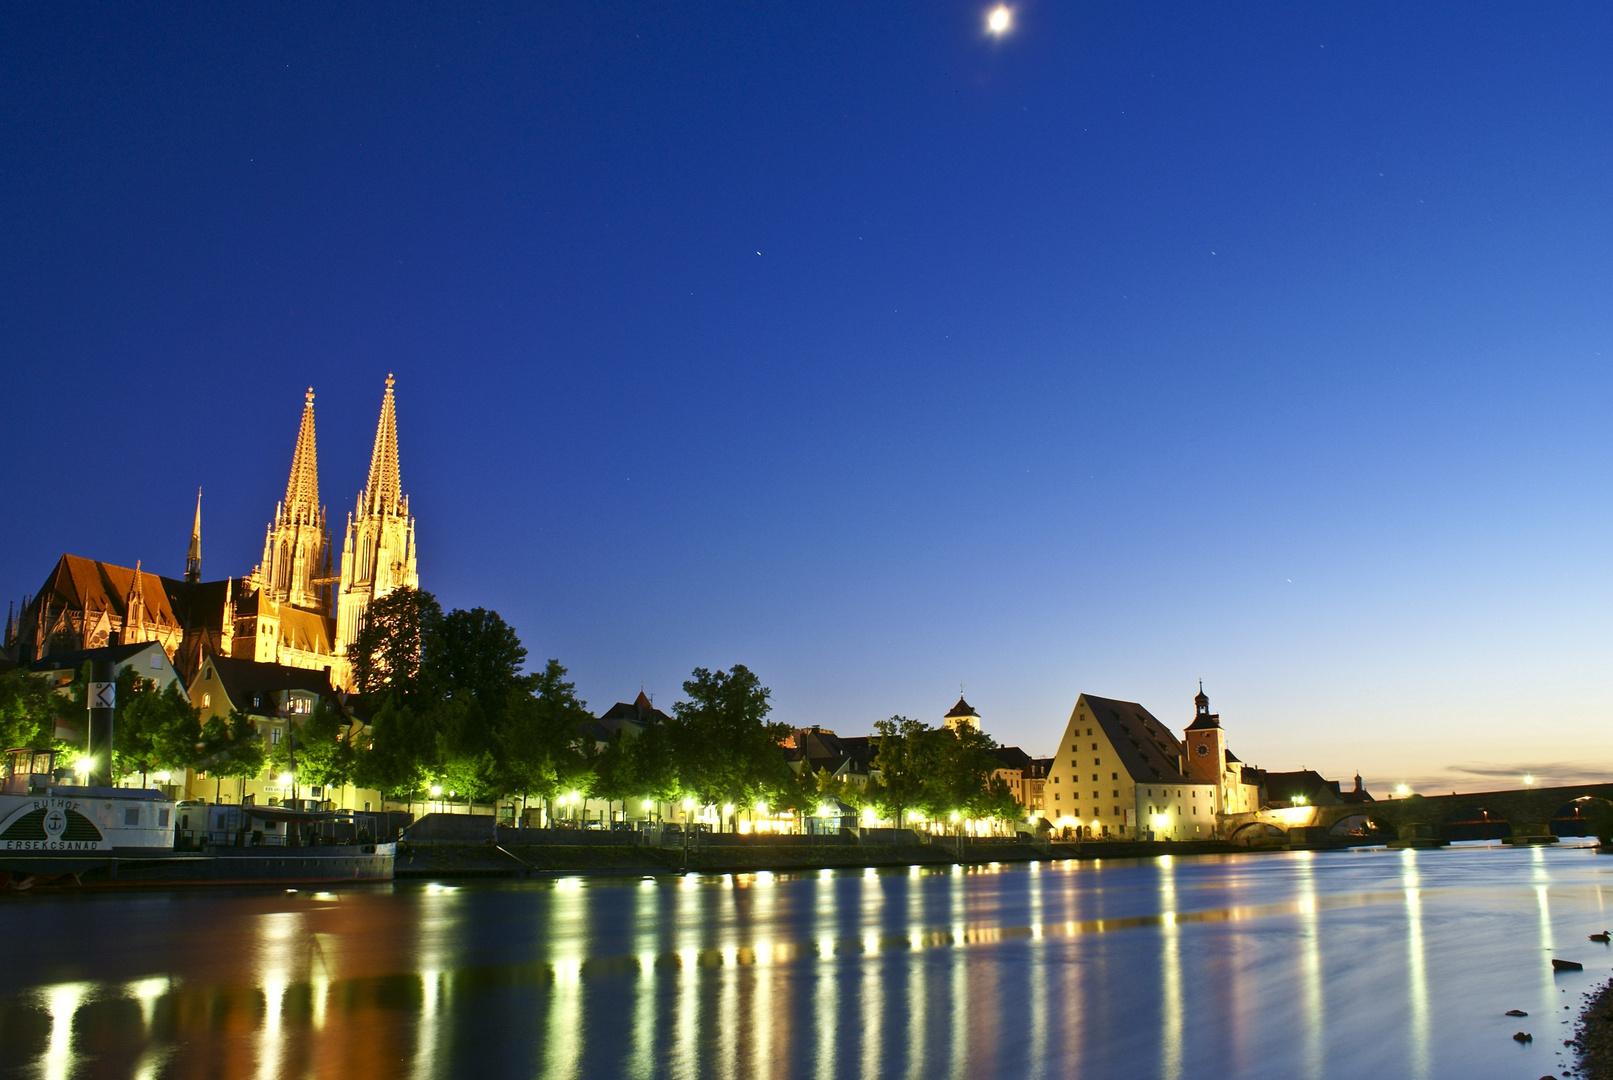 Regensburg am Abend